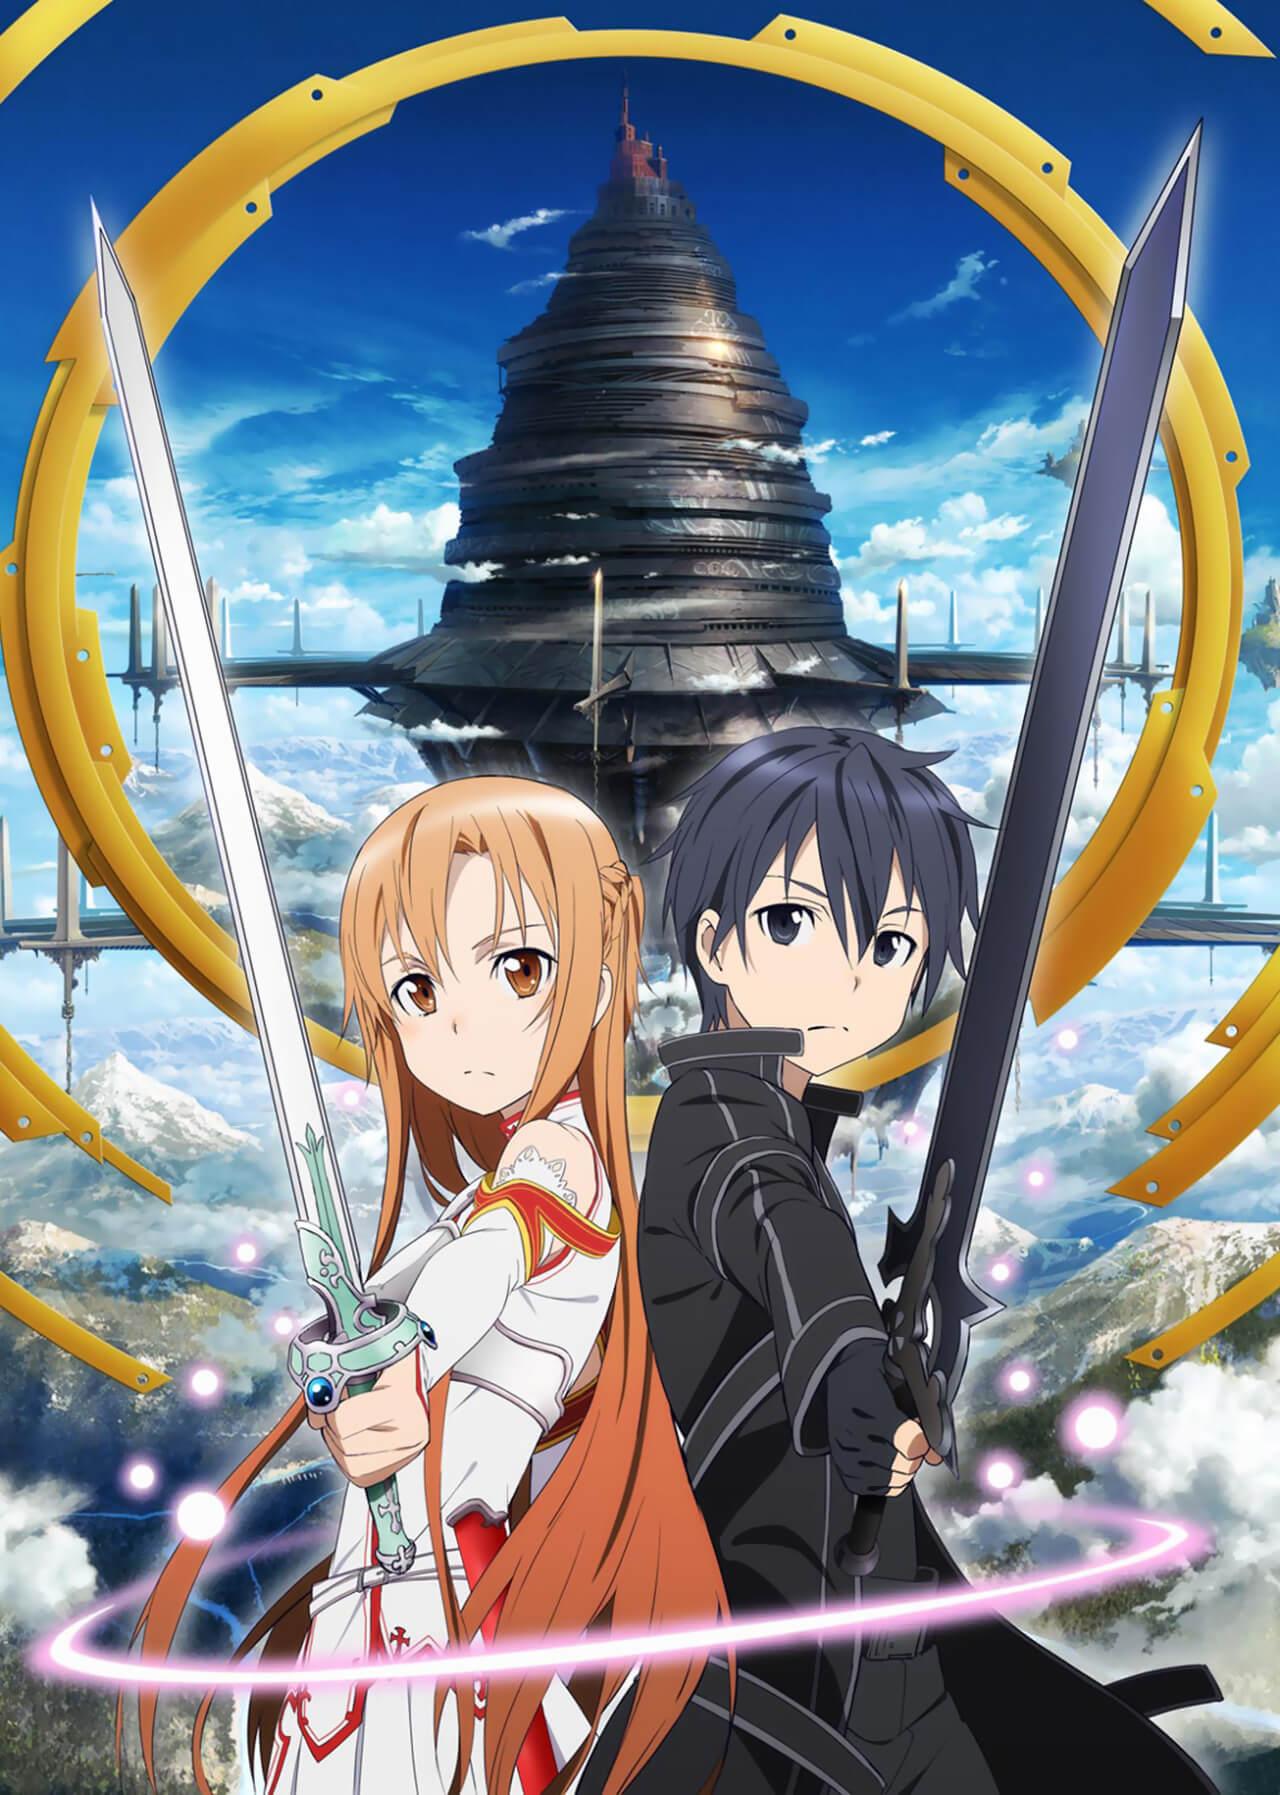 Sword-Art-Online-Serie-US-5